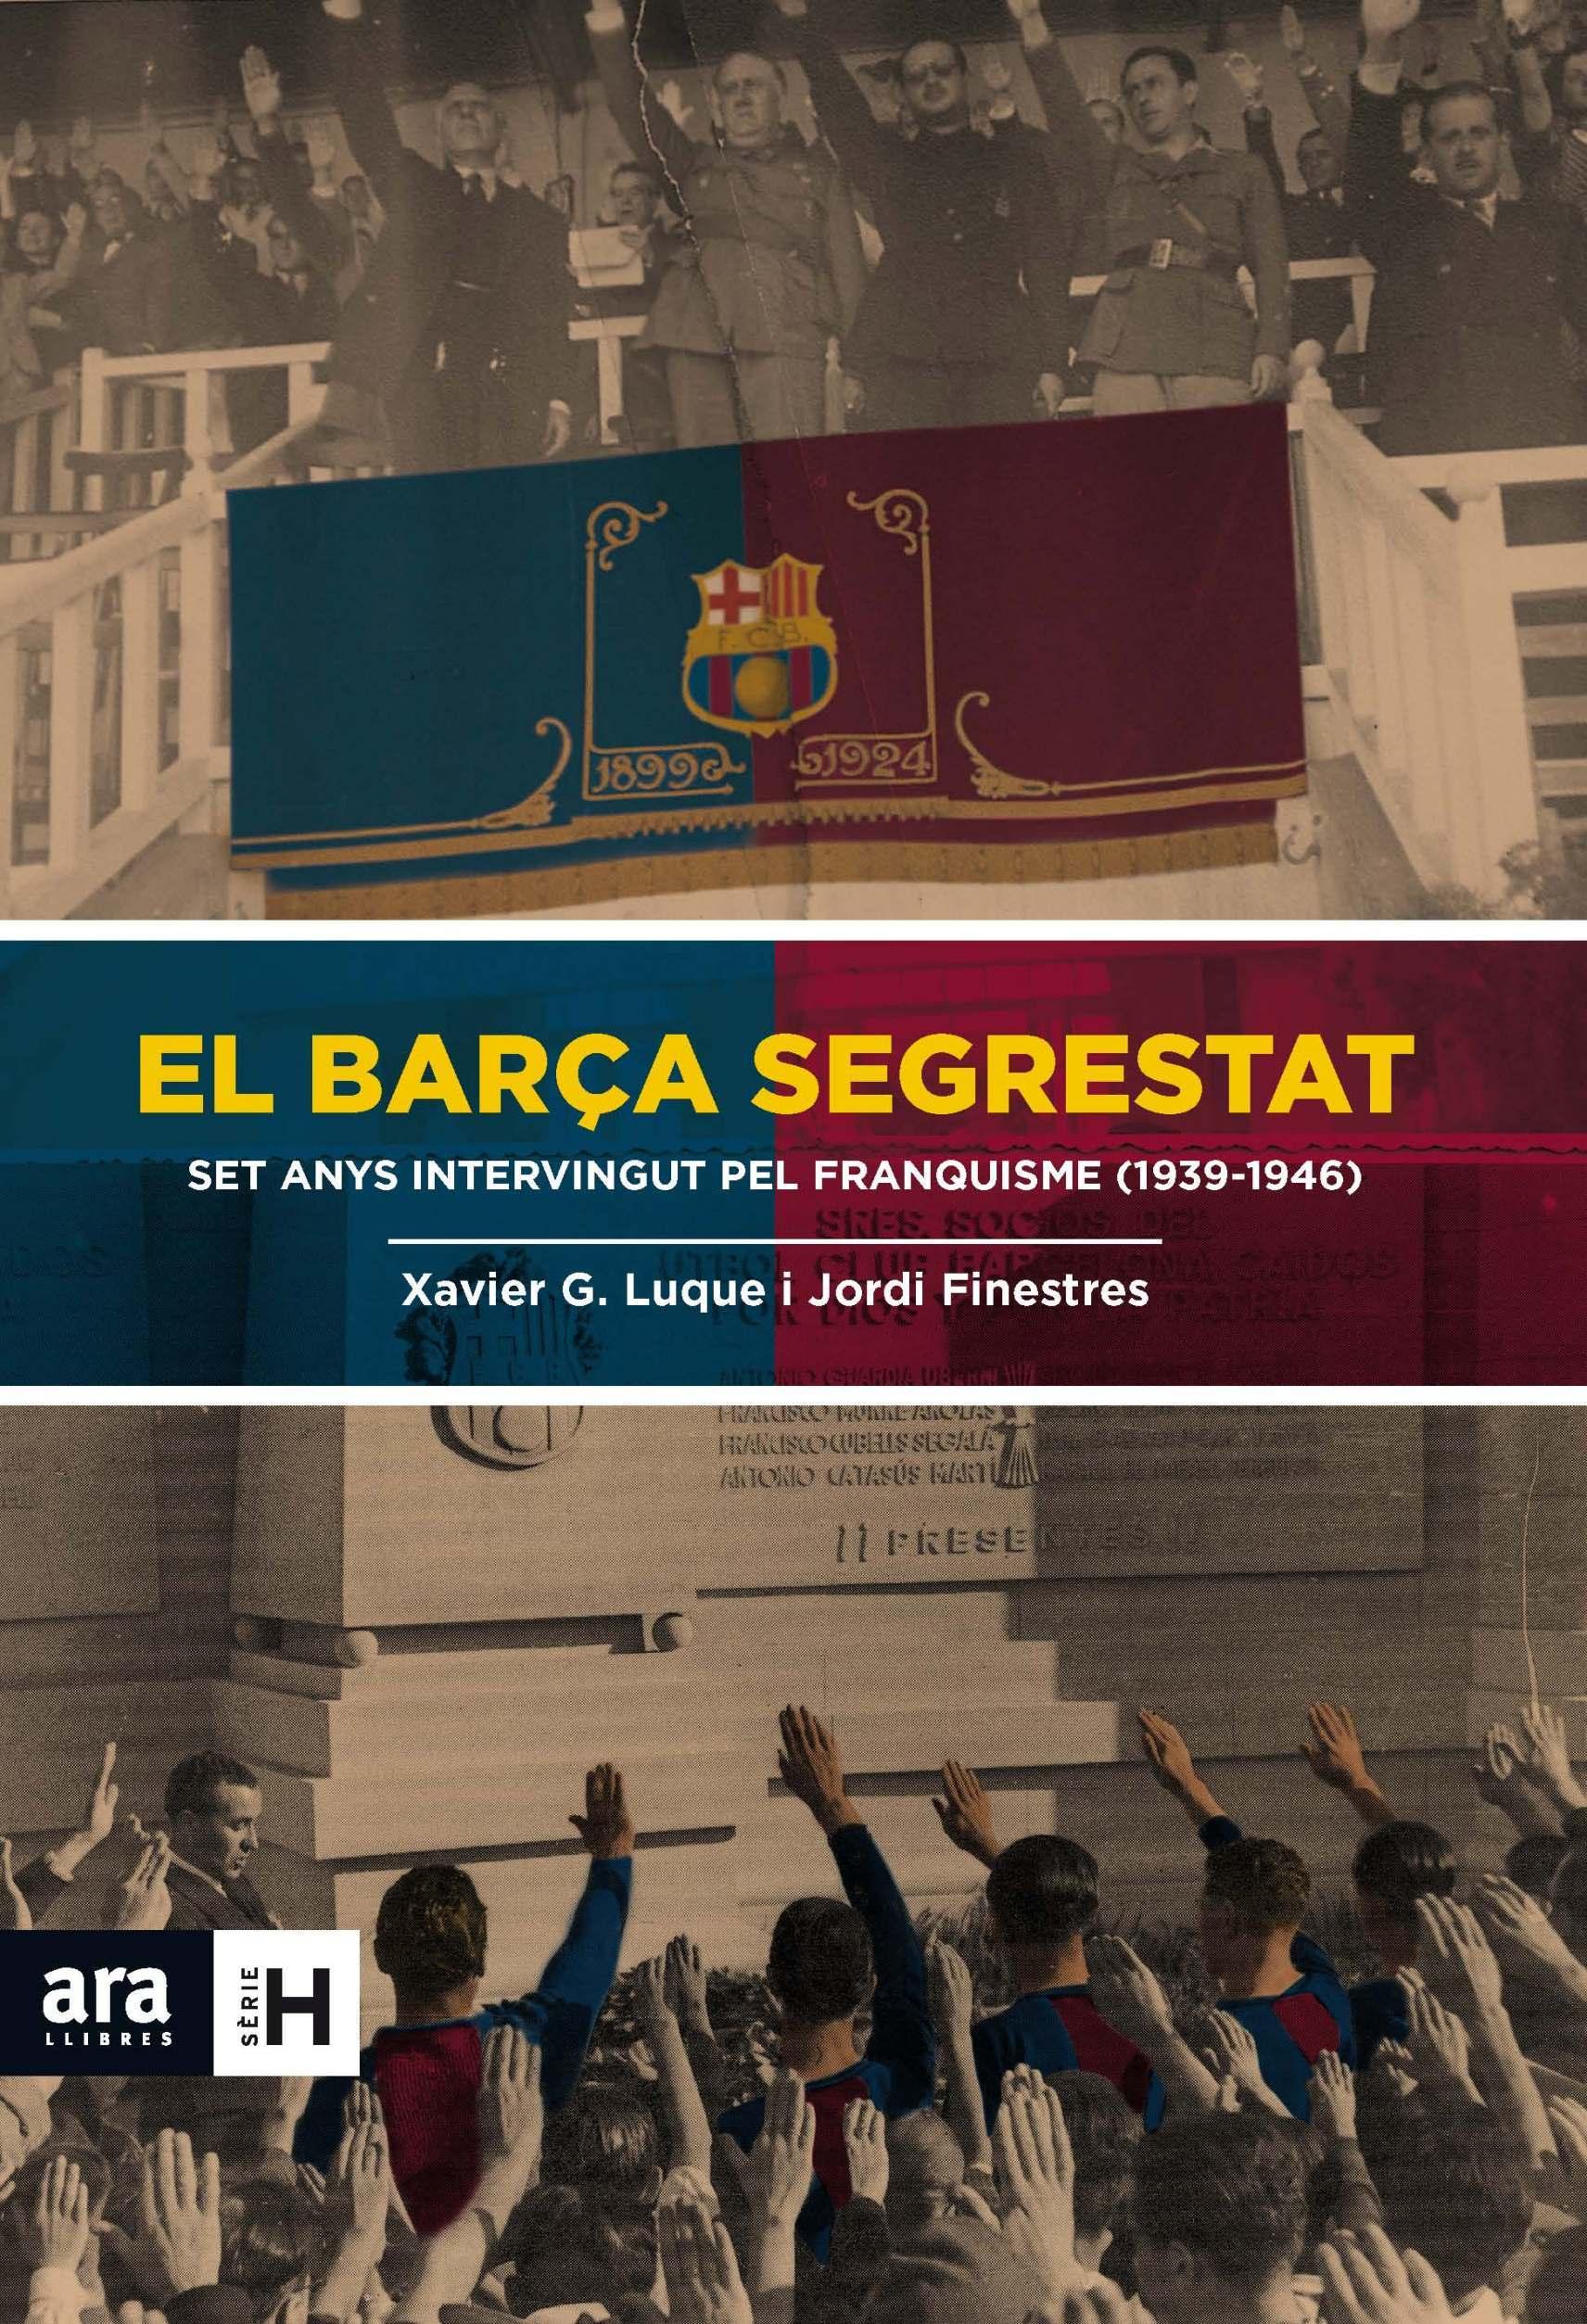 EL BARÇA SEGRESTAT: SET ANYS INTERVINGUT PEL FRANQUISME (1939-1946)